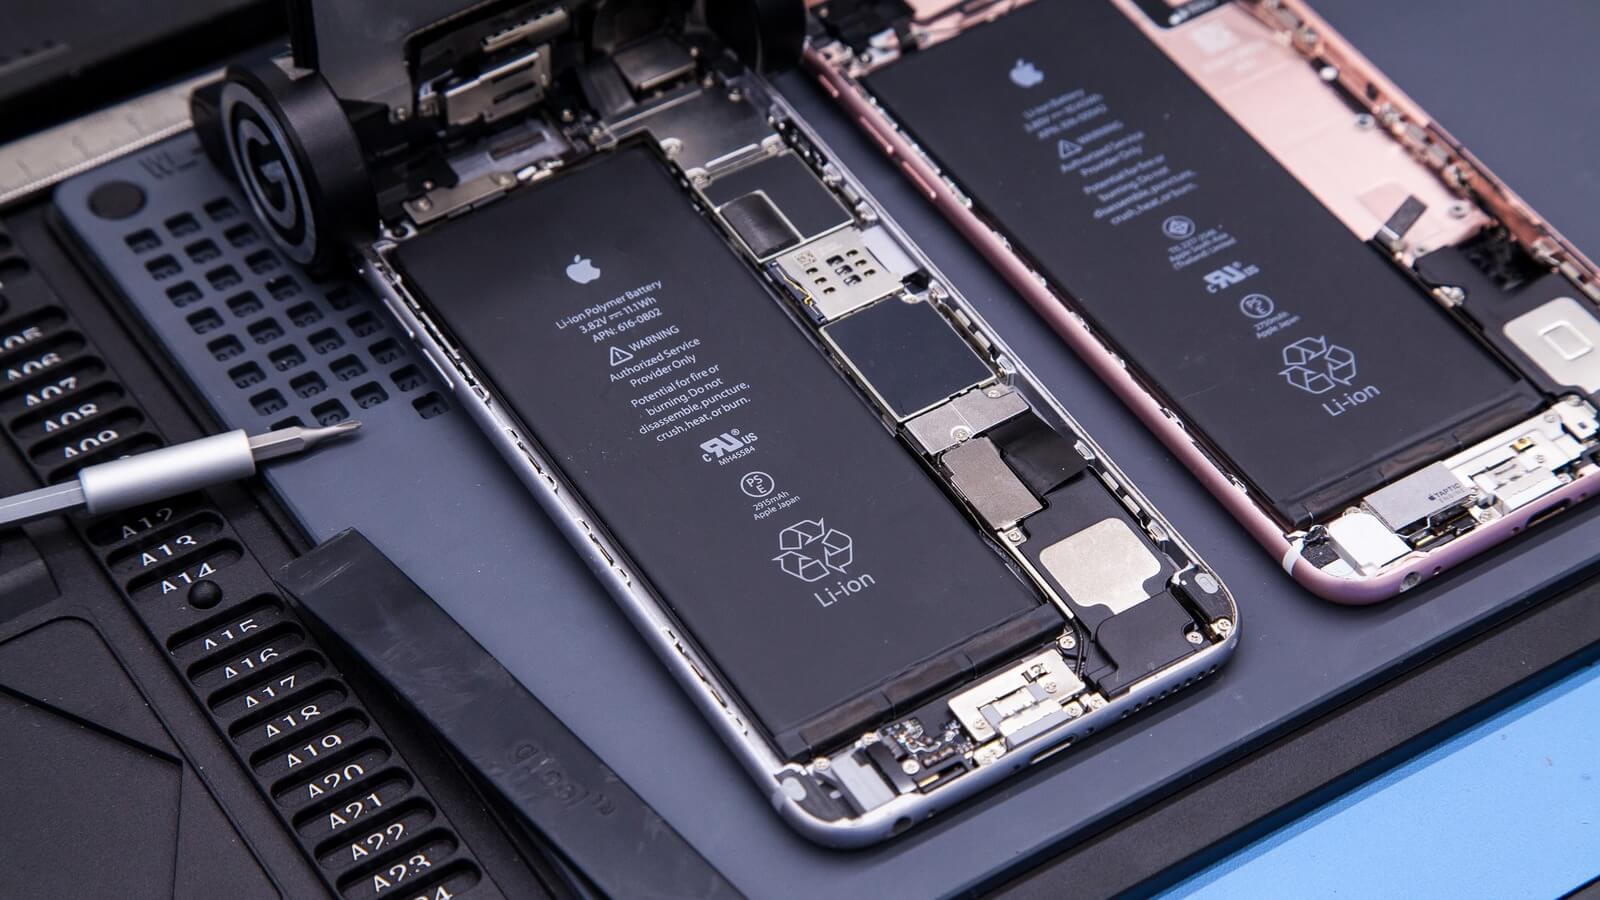 Эксперт оправдал снижение производительности старых iPhone